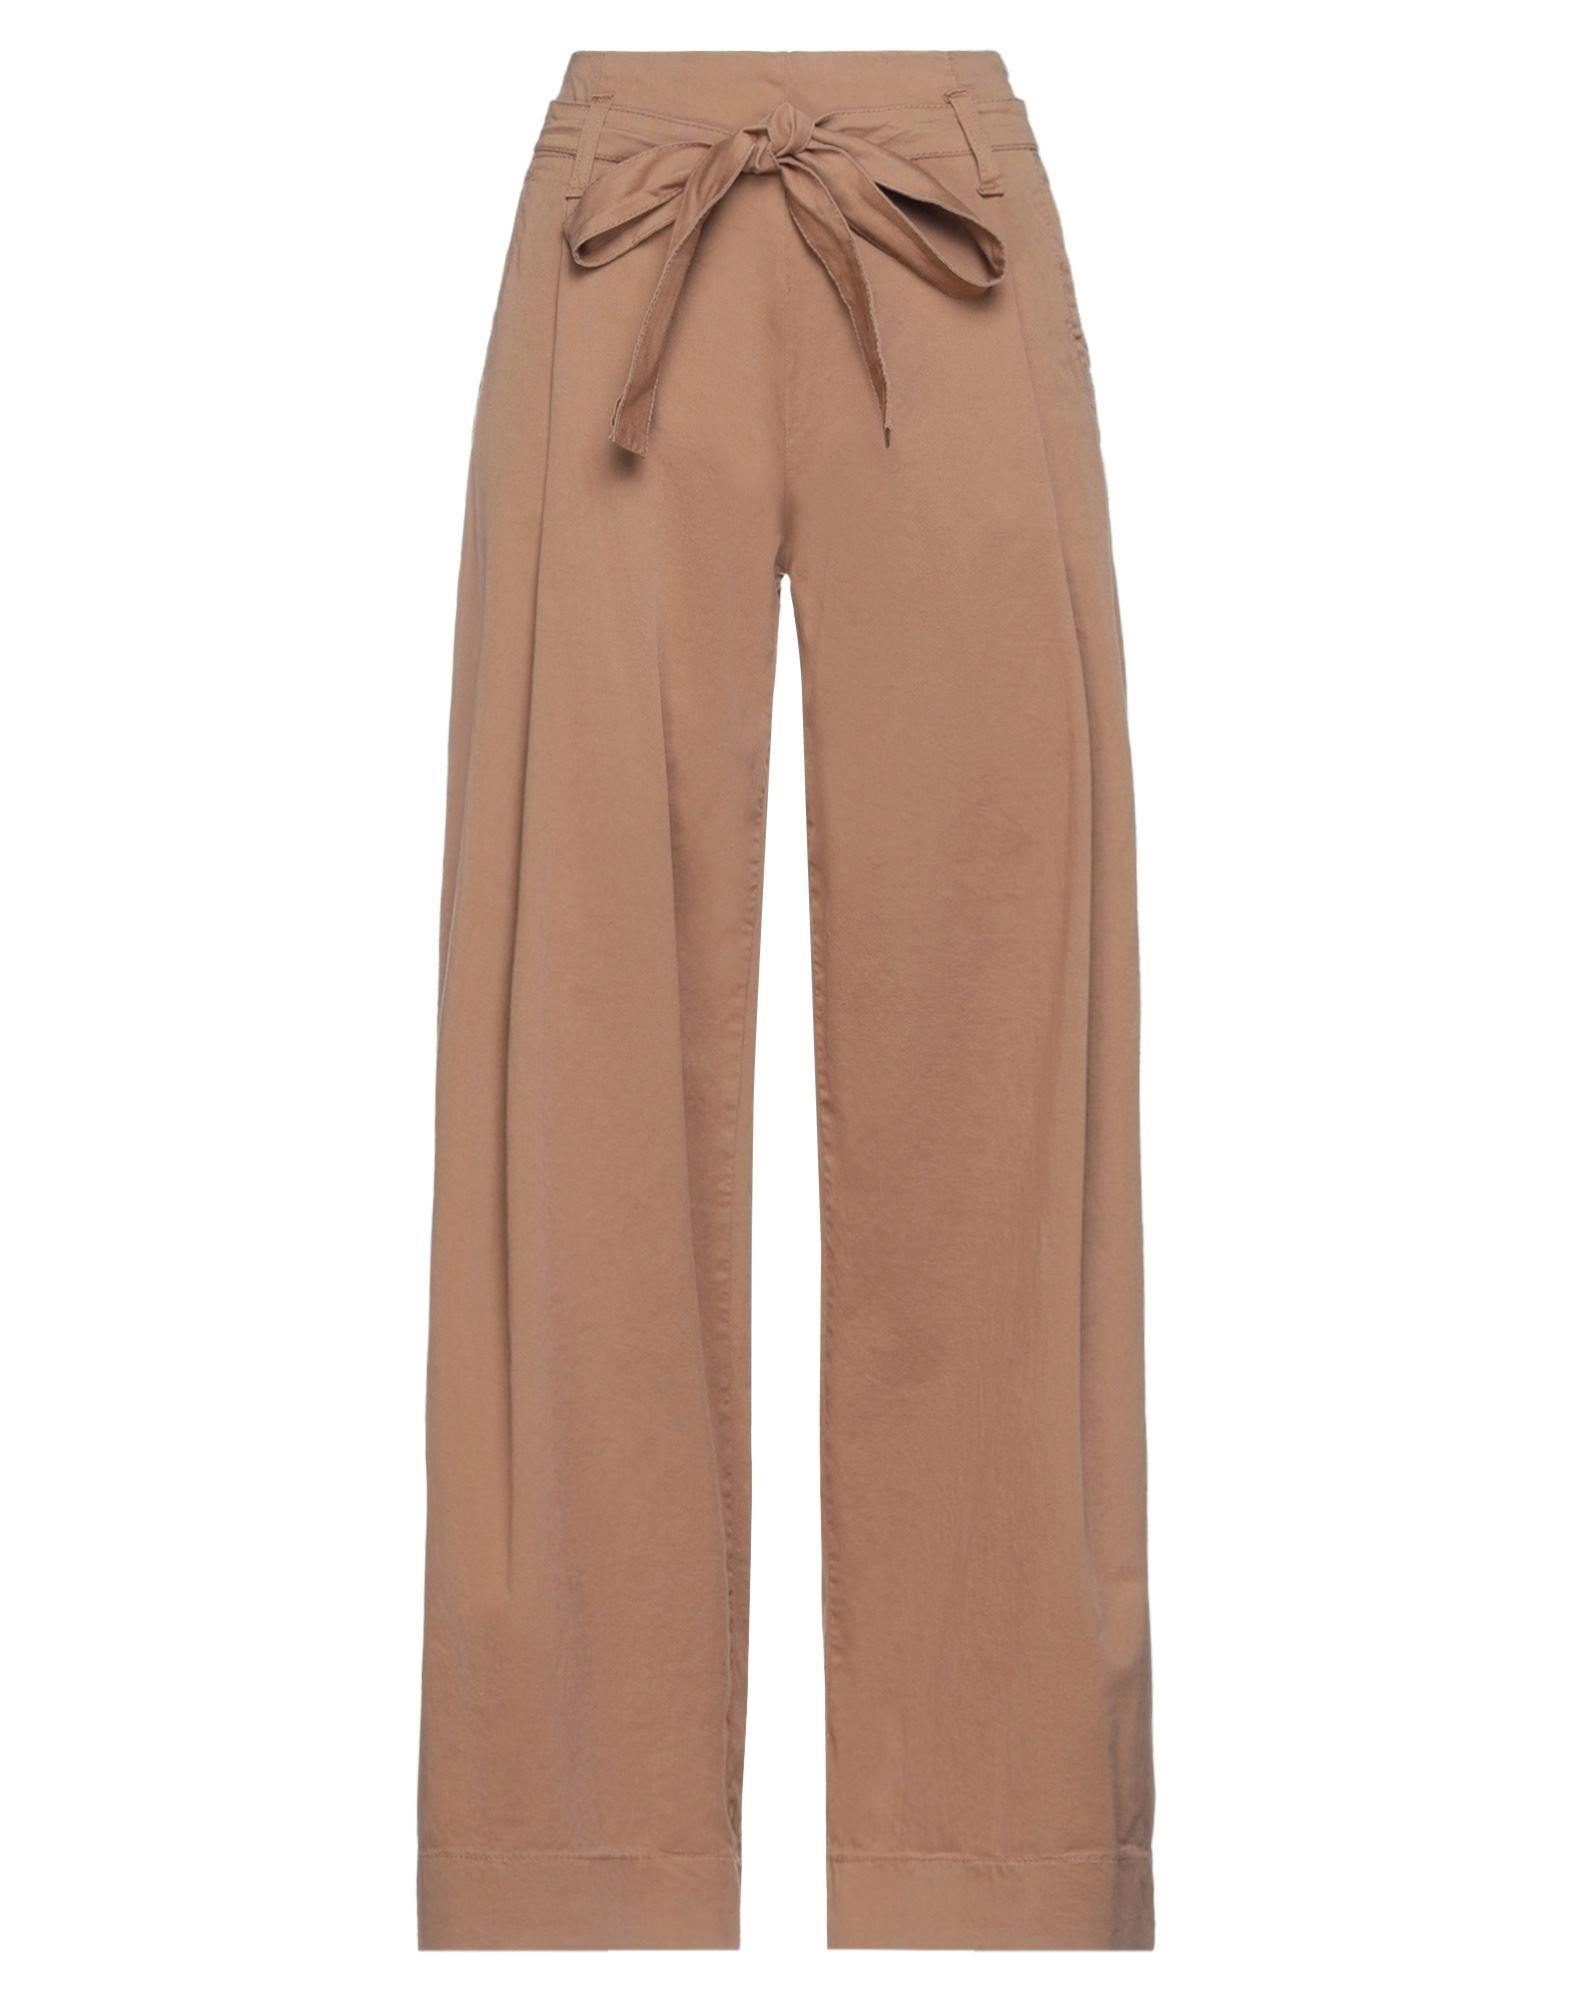 Souvenir Pants CASUAL PANTS